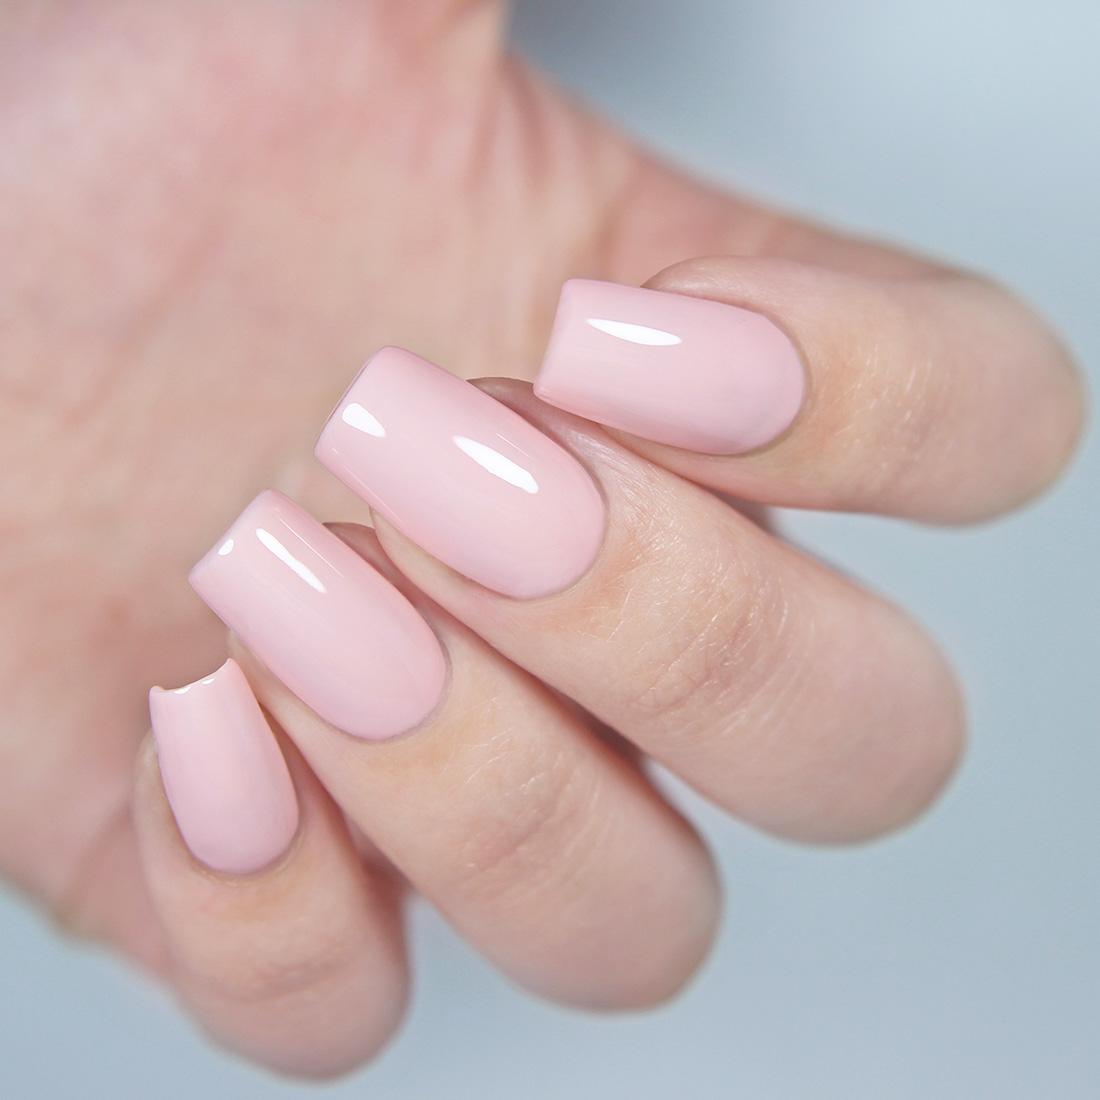 Nude Nail Polish 12